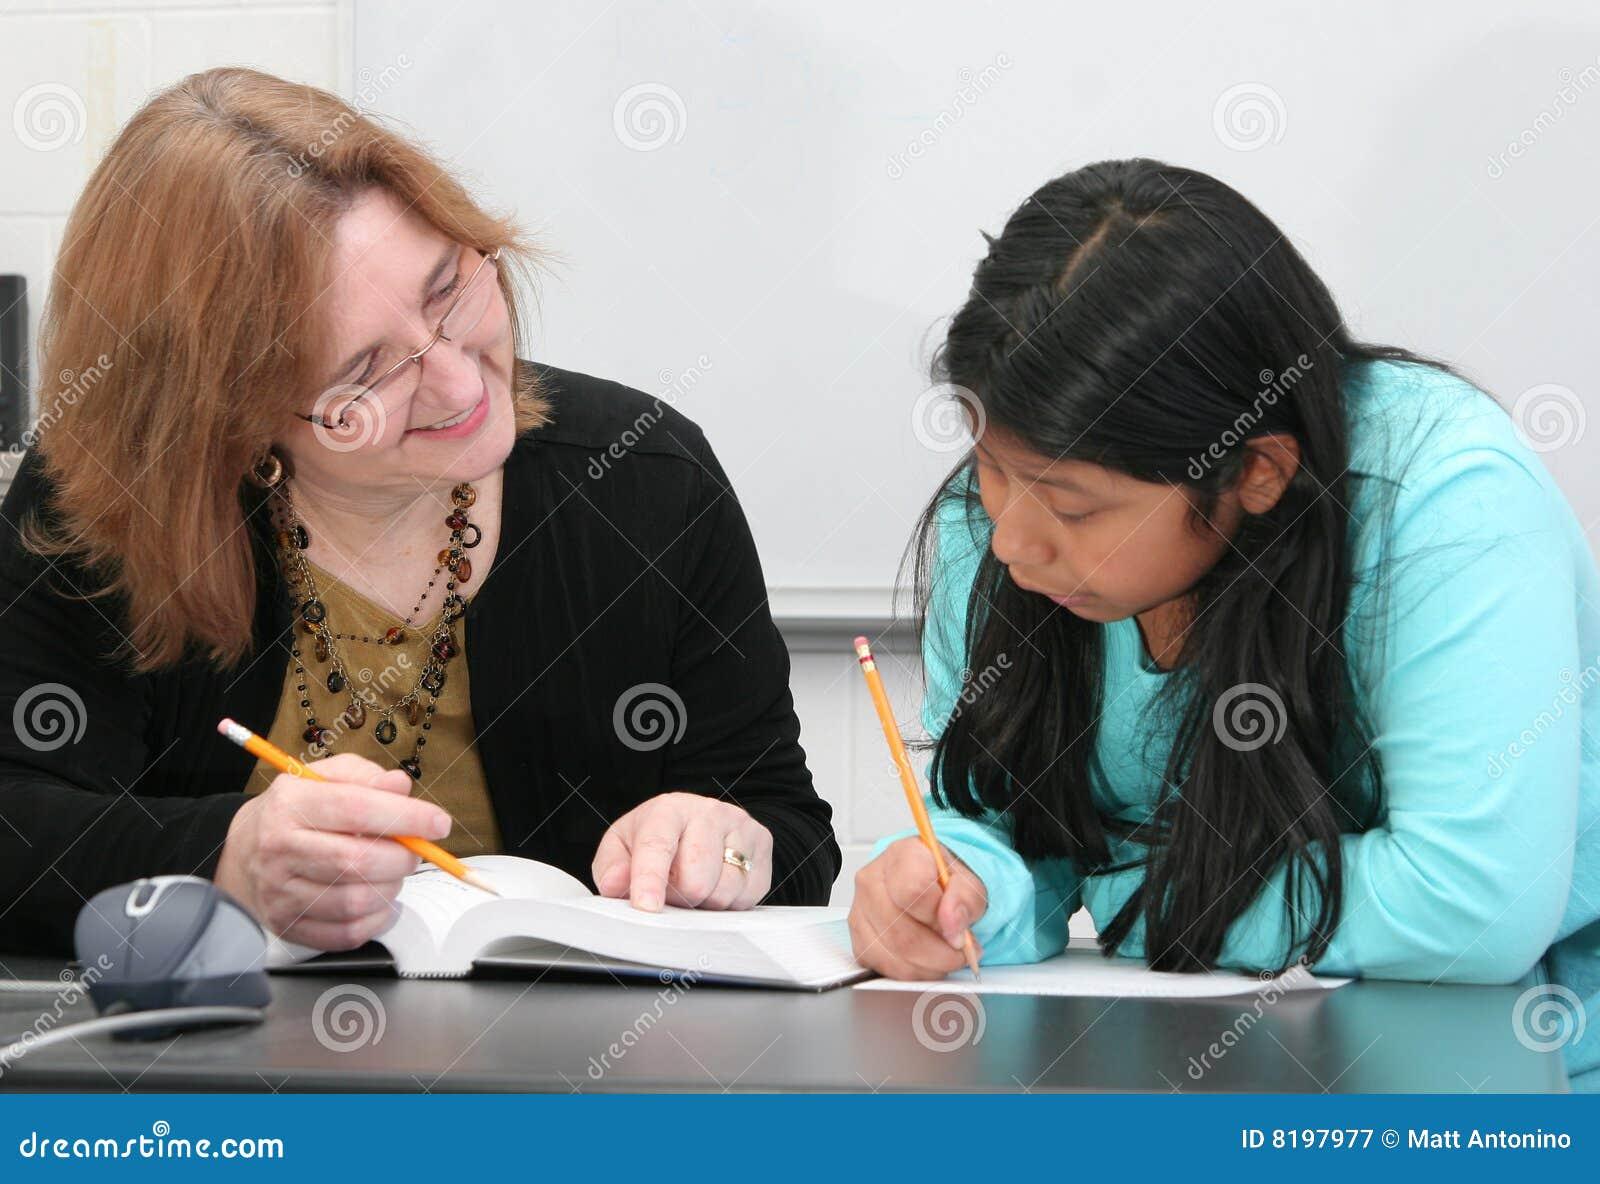 Преподаватель и студентка русское 12 фотография